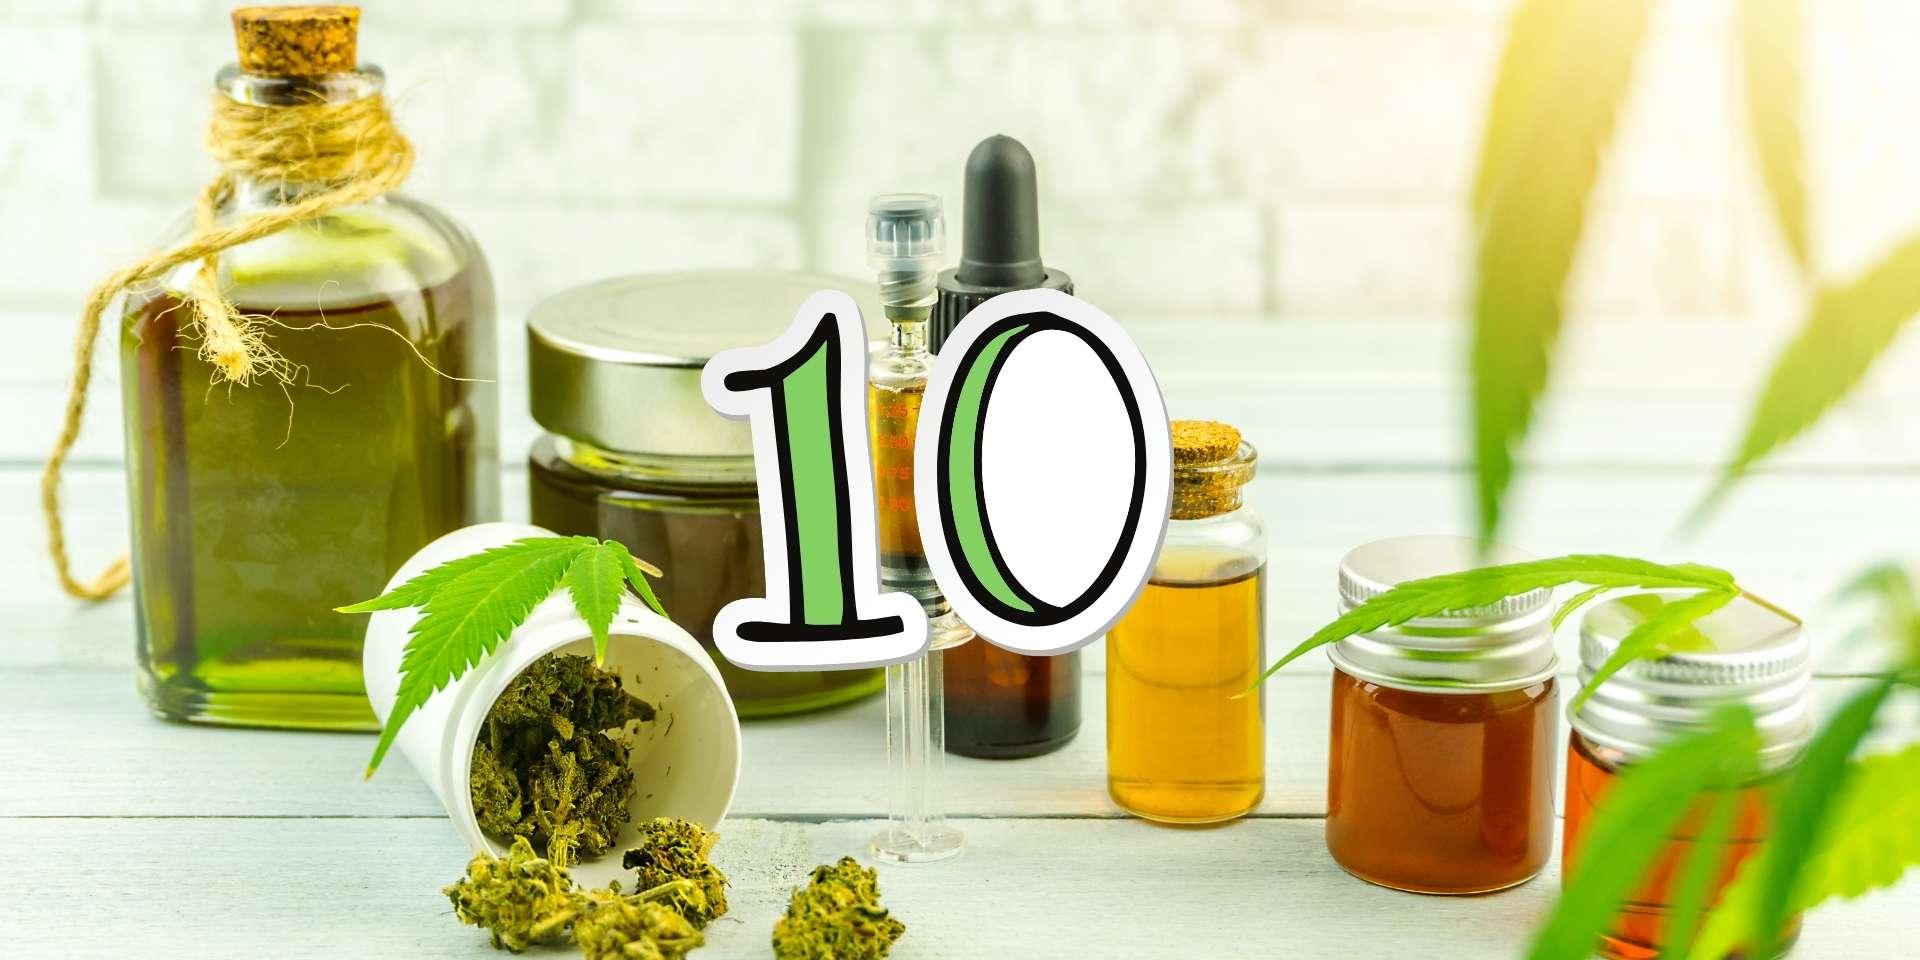 10 bonnes raisons d'utiliser l'huile de CBD